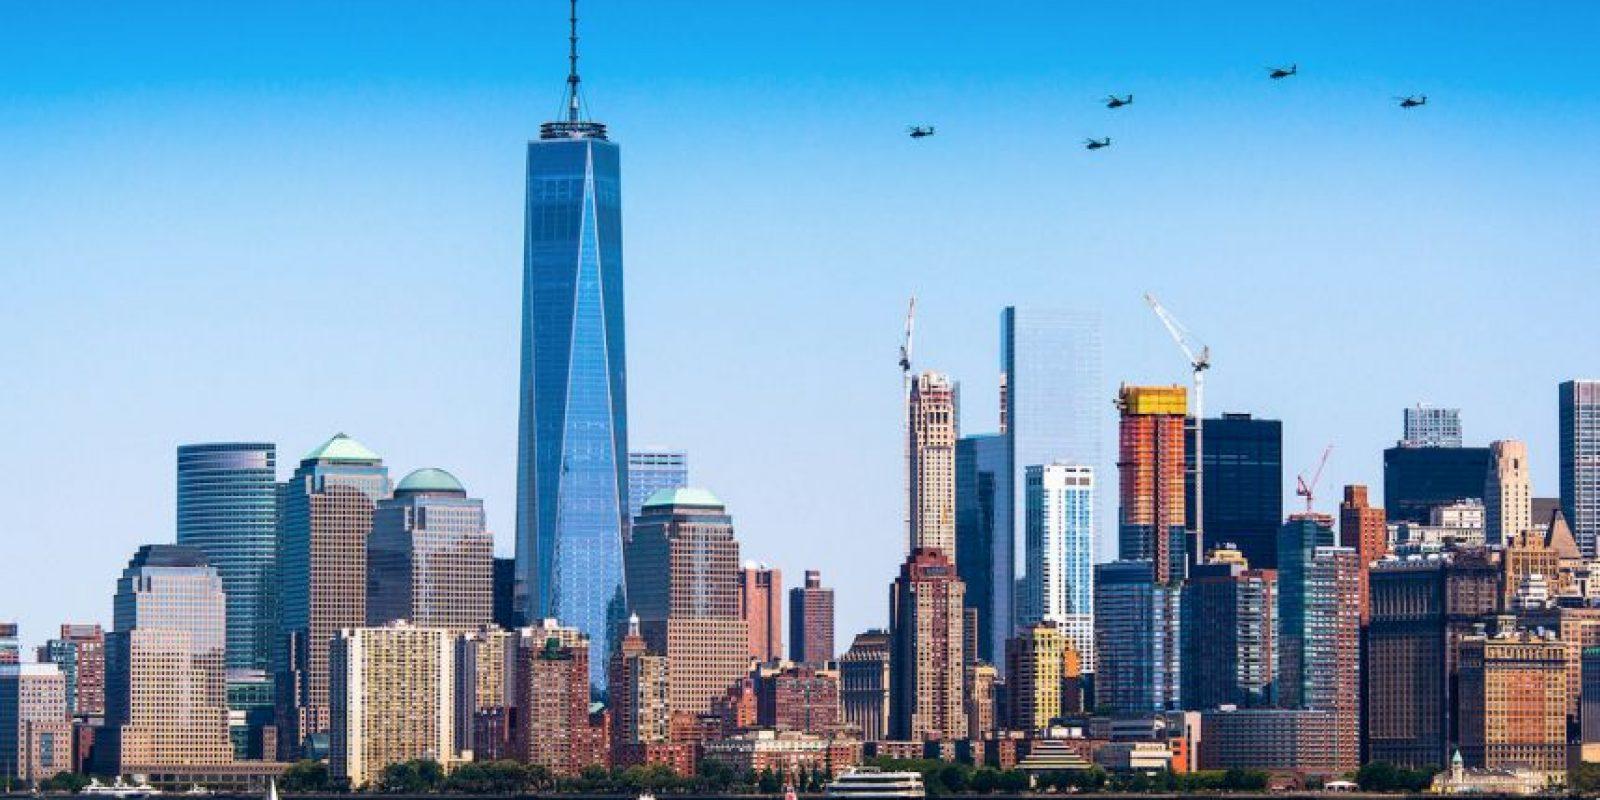 El nuevo One World Trade Center. Foto:Vía Flicker